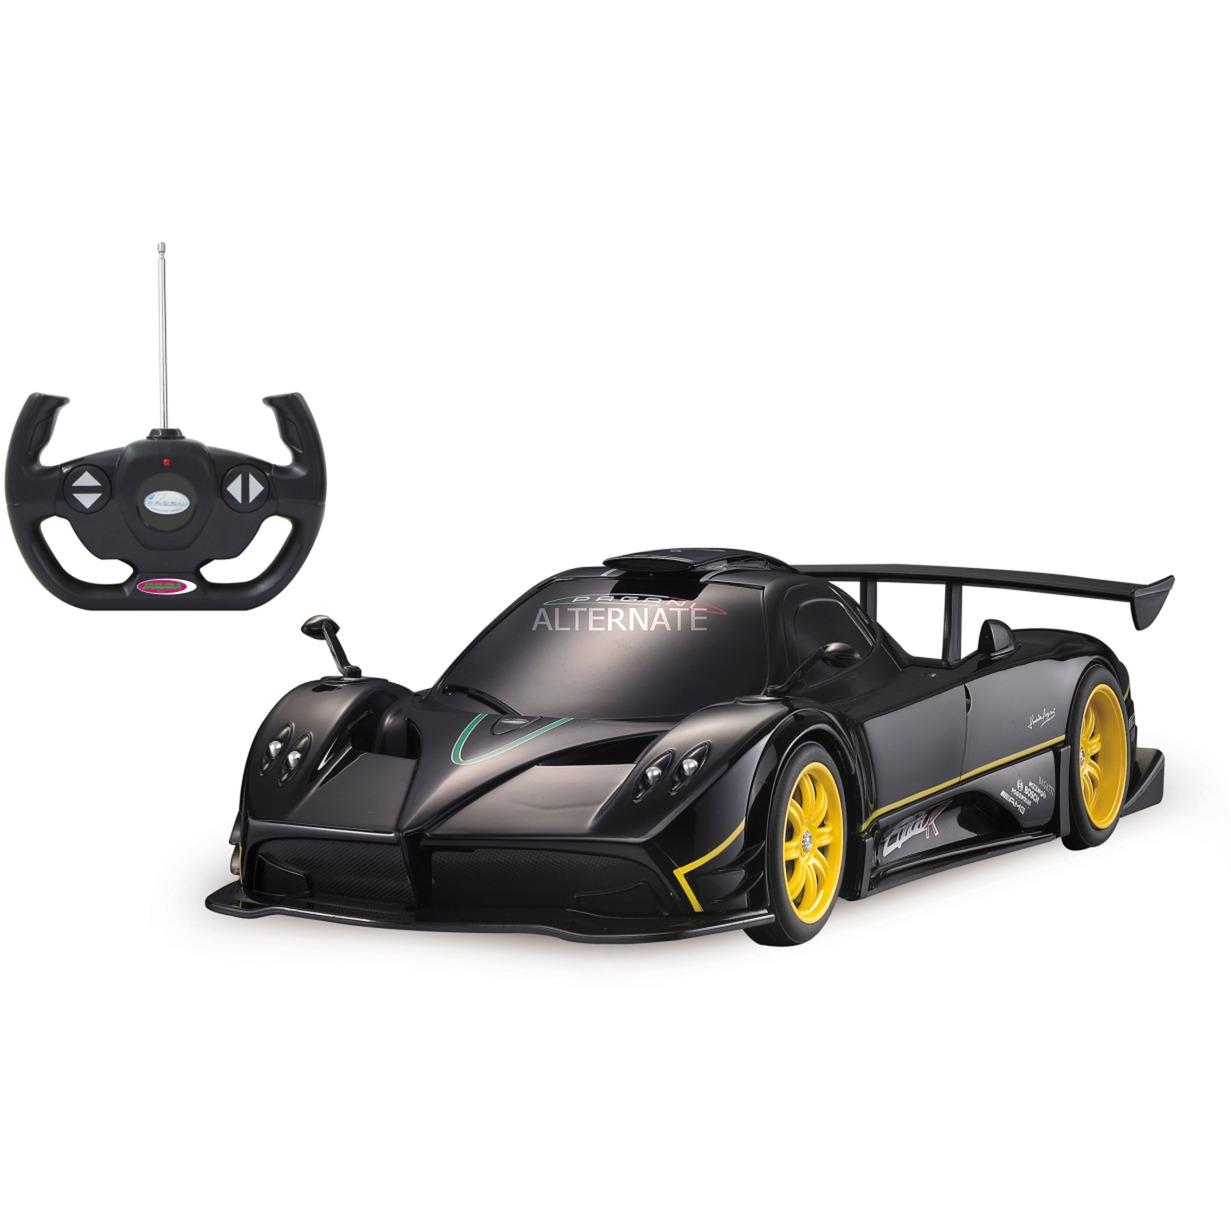 405140 vehículo de tierra por radio control (RC) Sport car Motor eléctrico 1:14, Radiocontrol